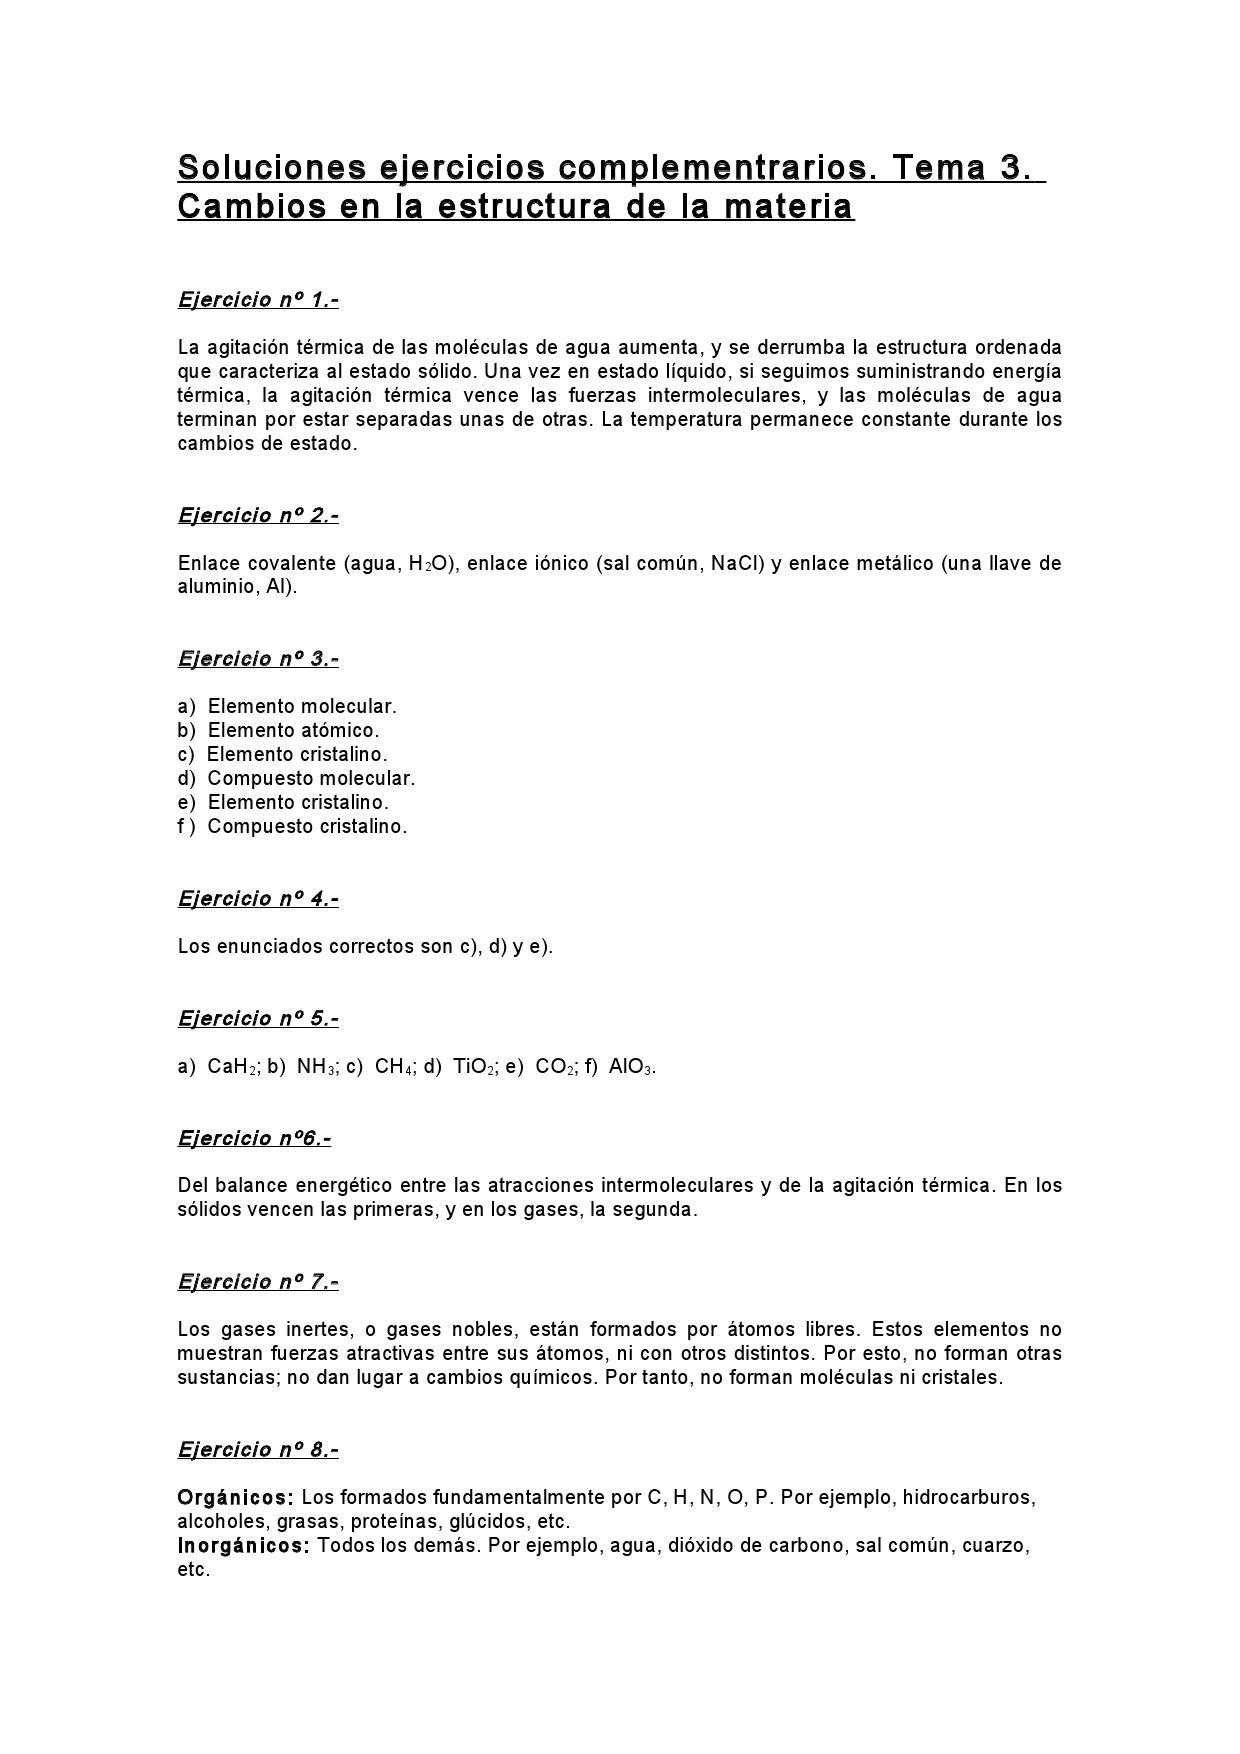 Soluciones Ejercicios By Martinez Amaia Issuu